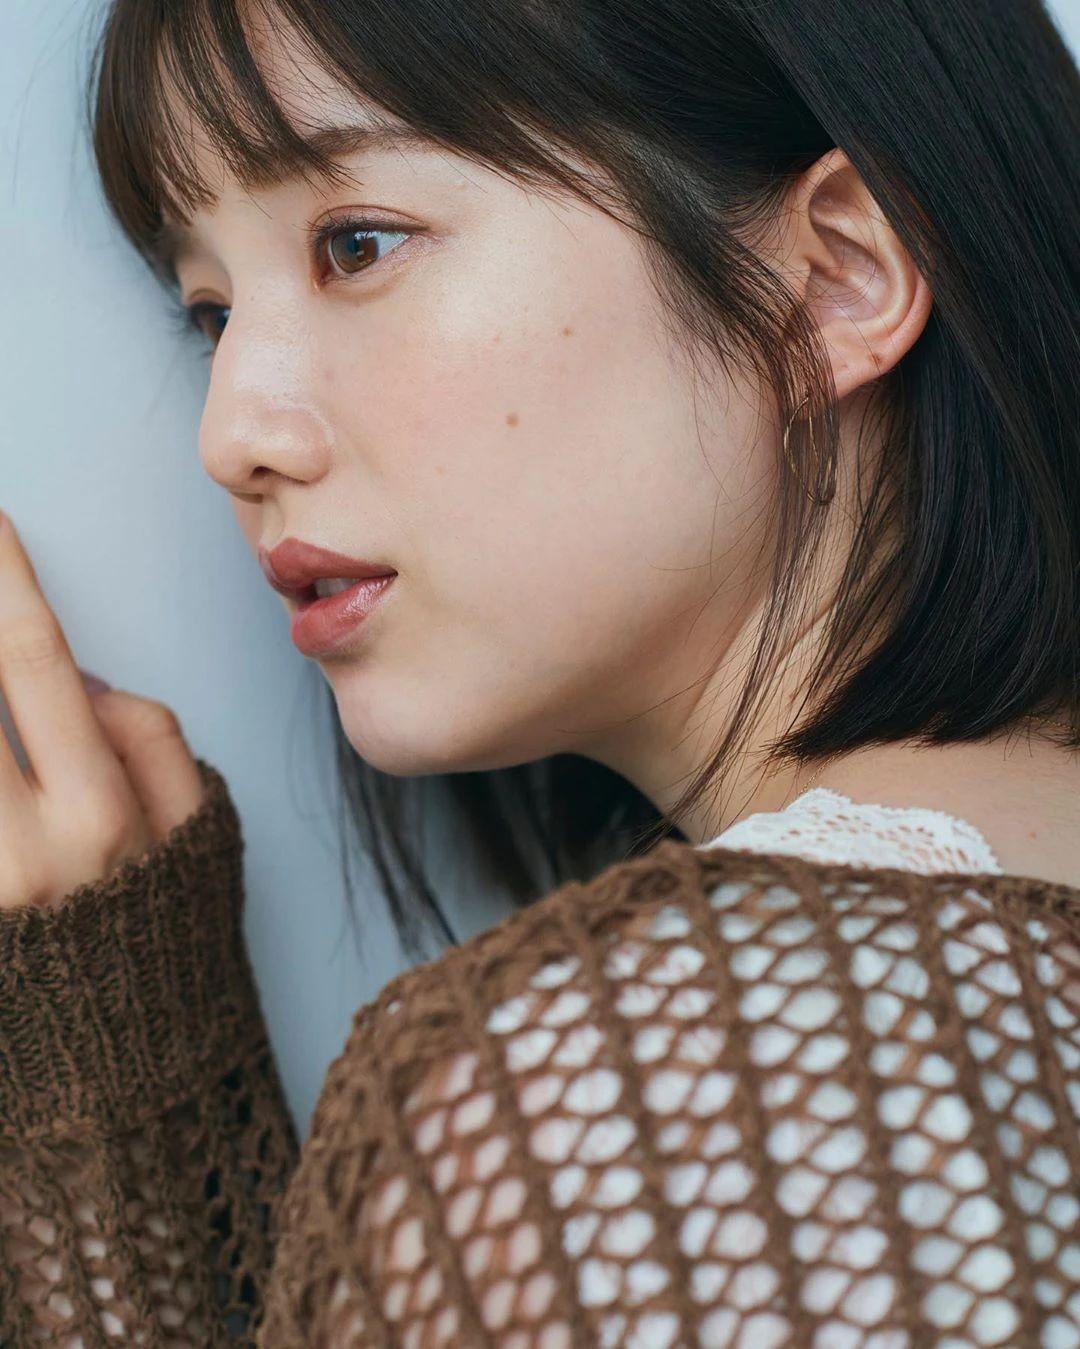 永远一张娃娃脸的棉花糖女孩弘中绫香写真作品 (41)